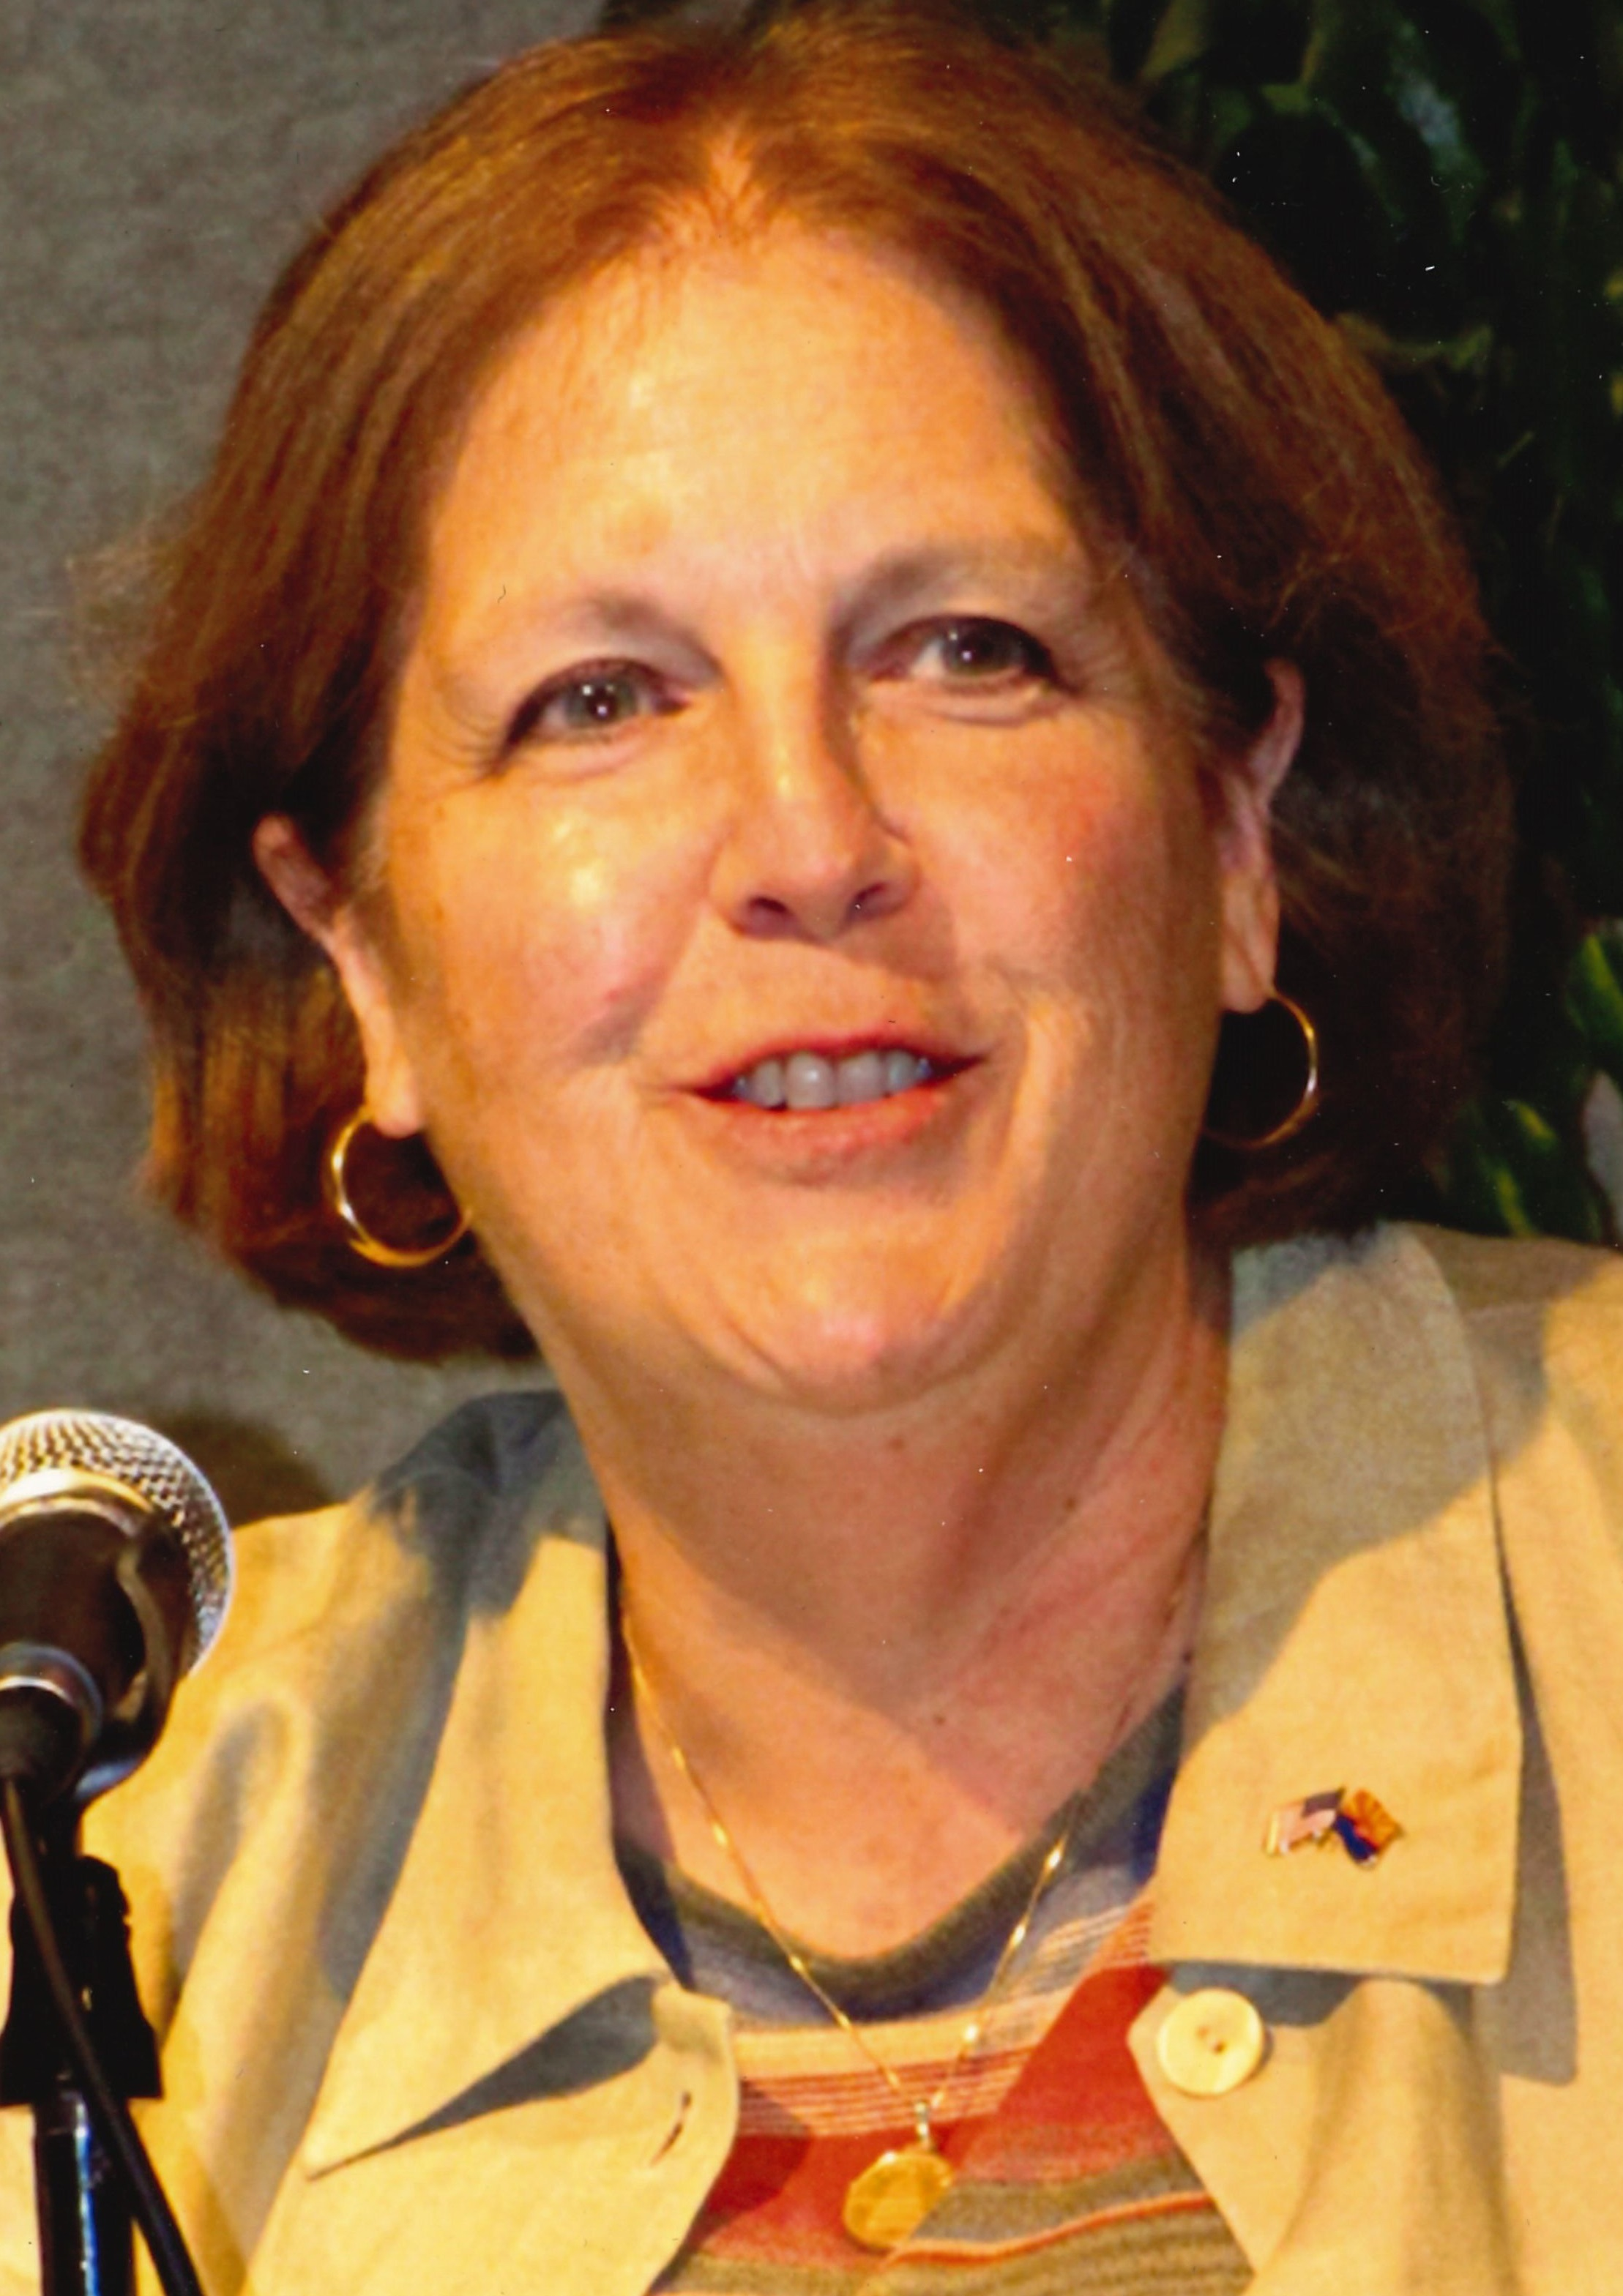 Head photo of Lisa A. Atkins